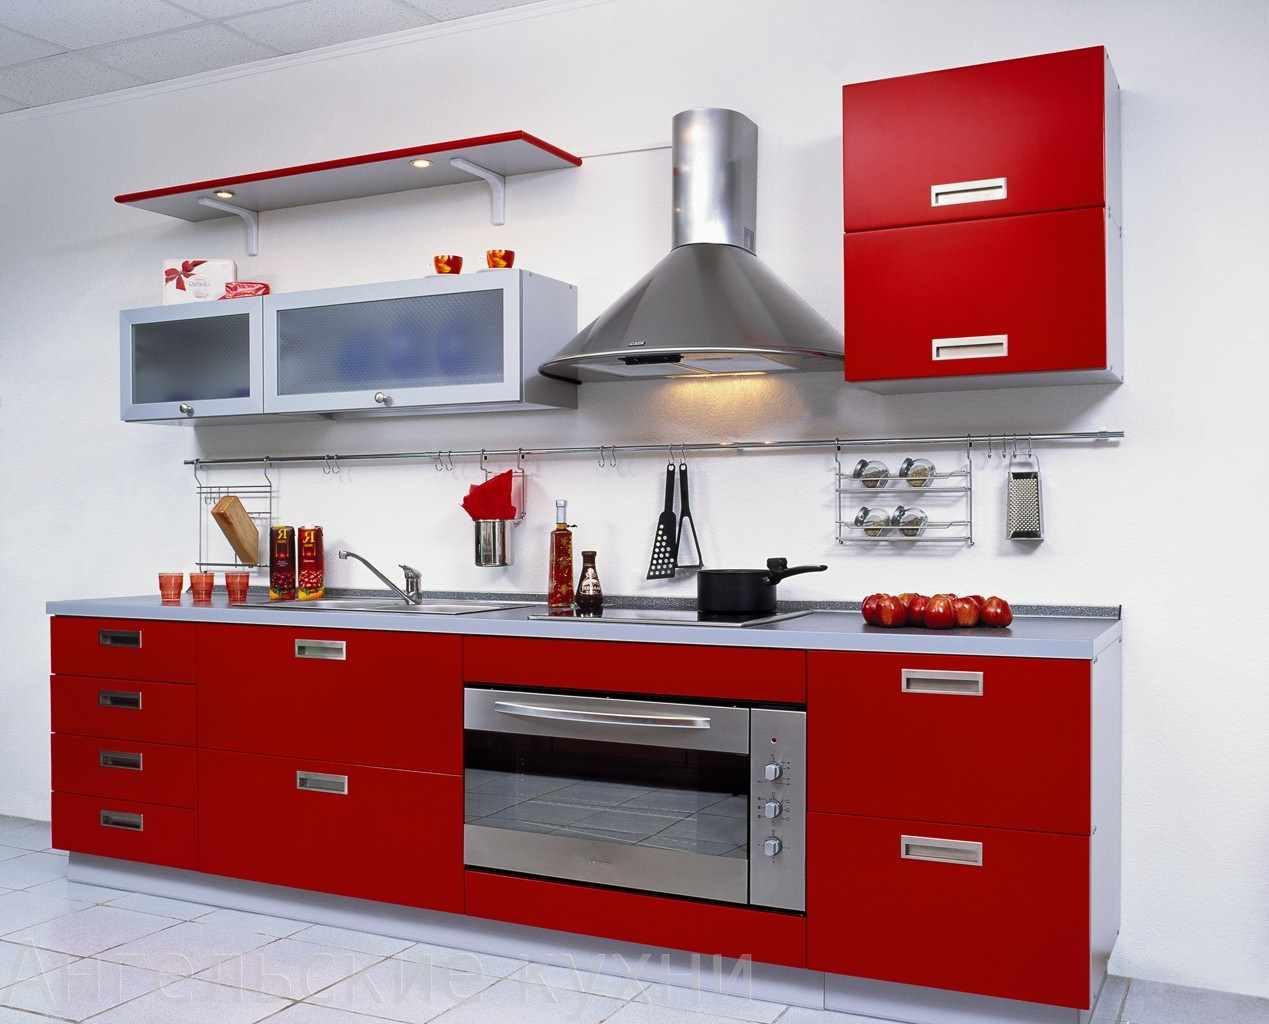 un exemplu de design neobișnuit al unei bucătării roșii